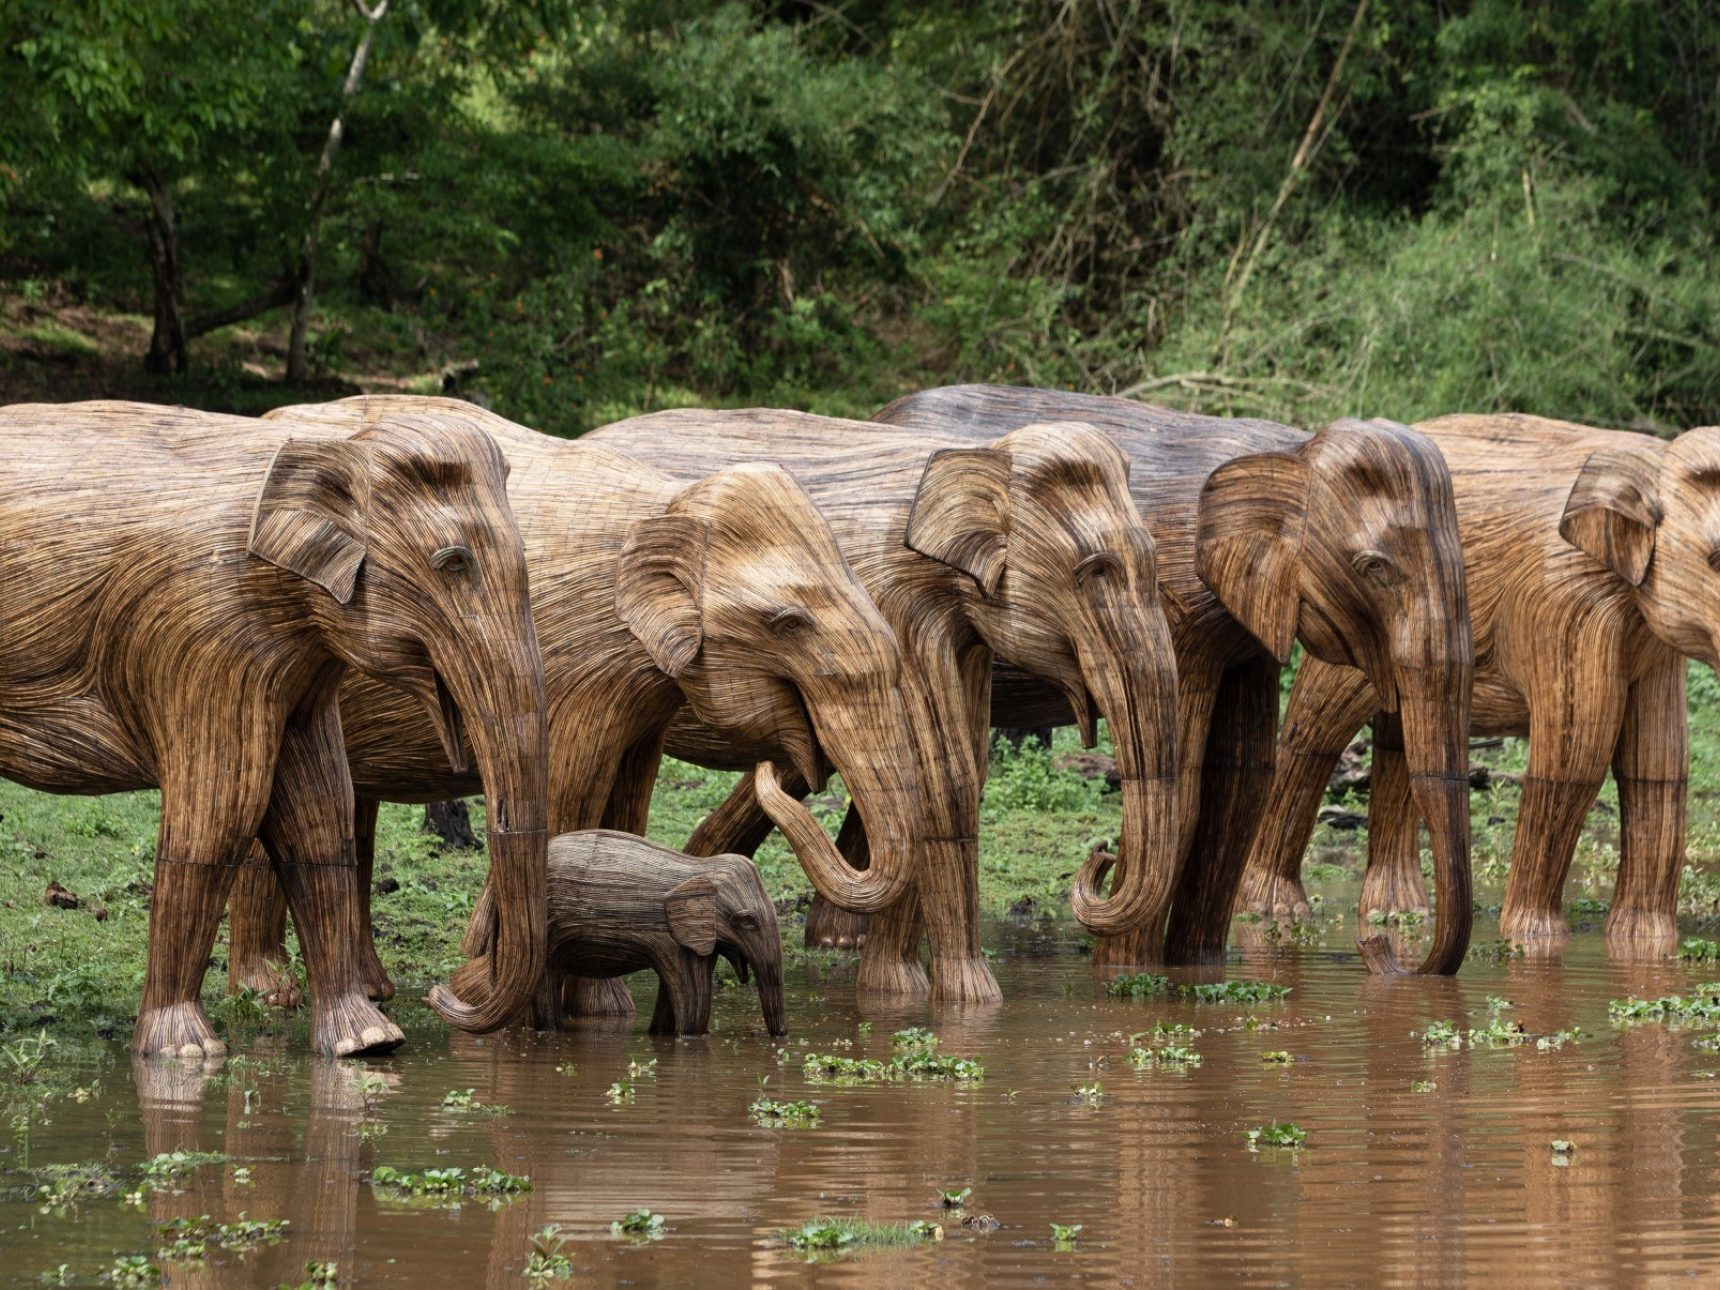 Herd of elephants at waterhole